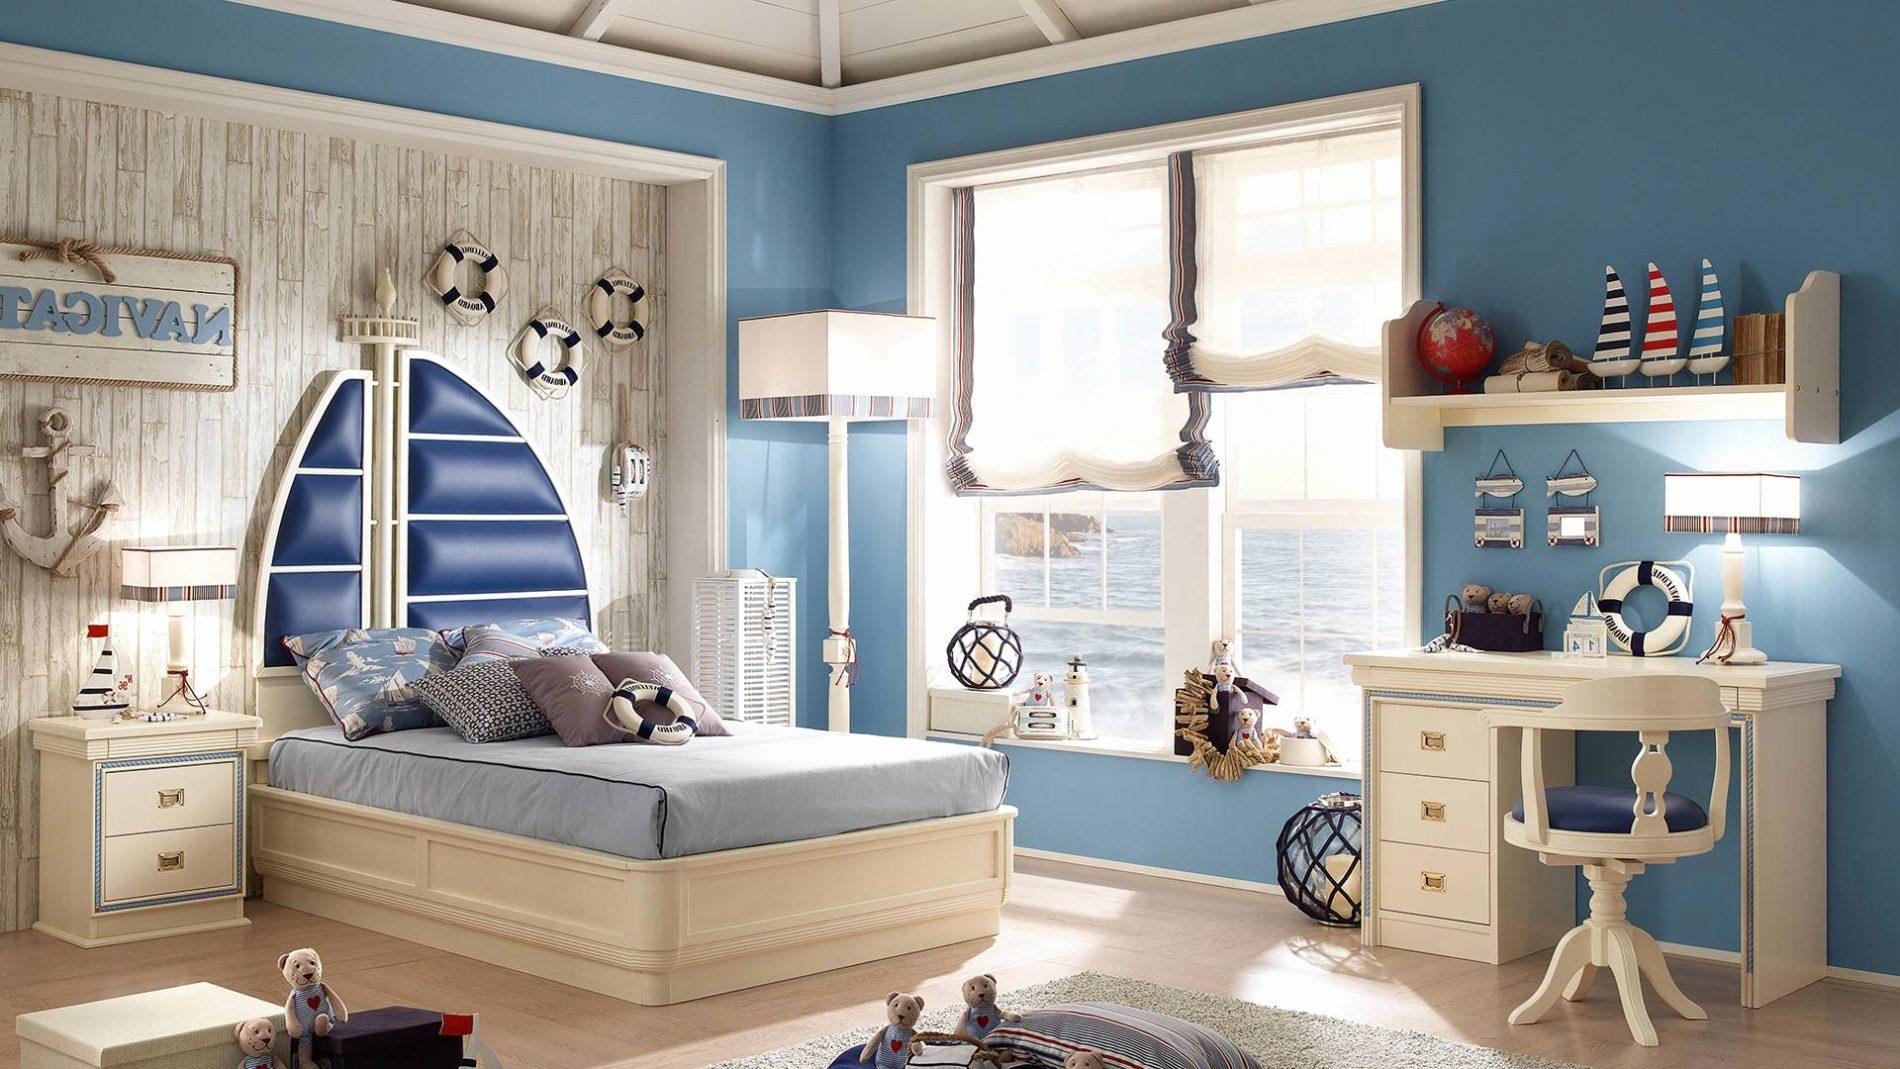 Idee Per Camere Ragazzi le più belle camerette per bambino. idee per arredare con stile